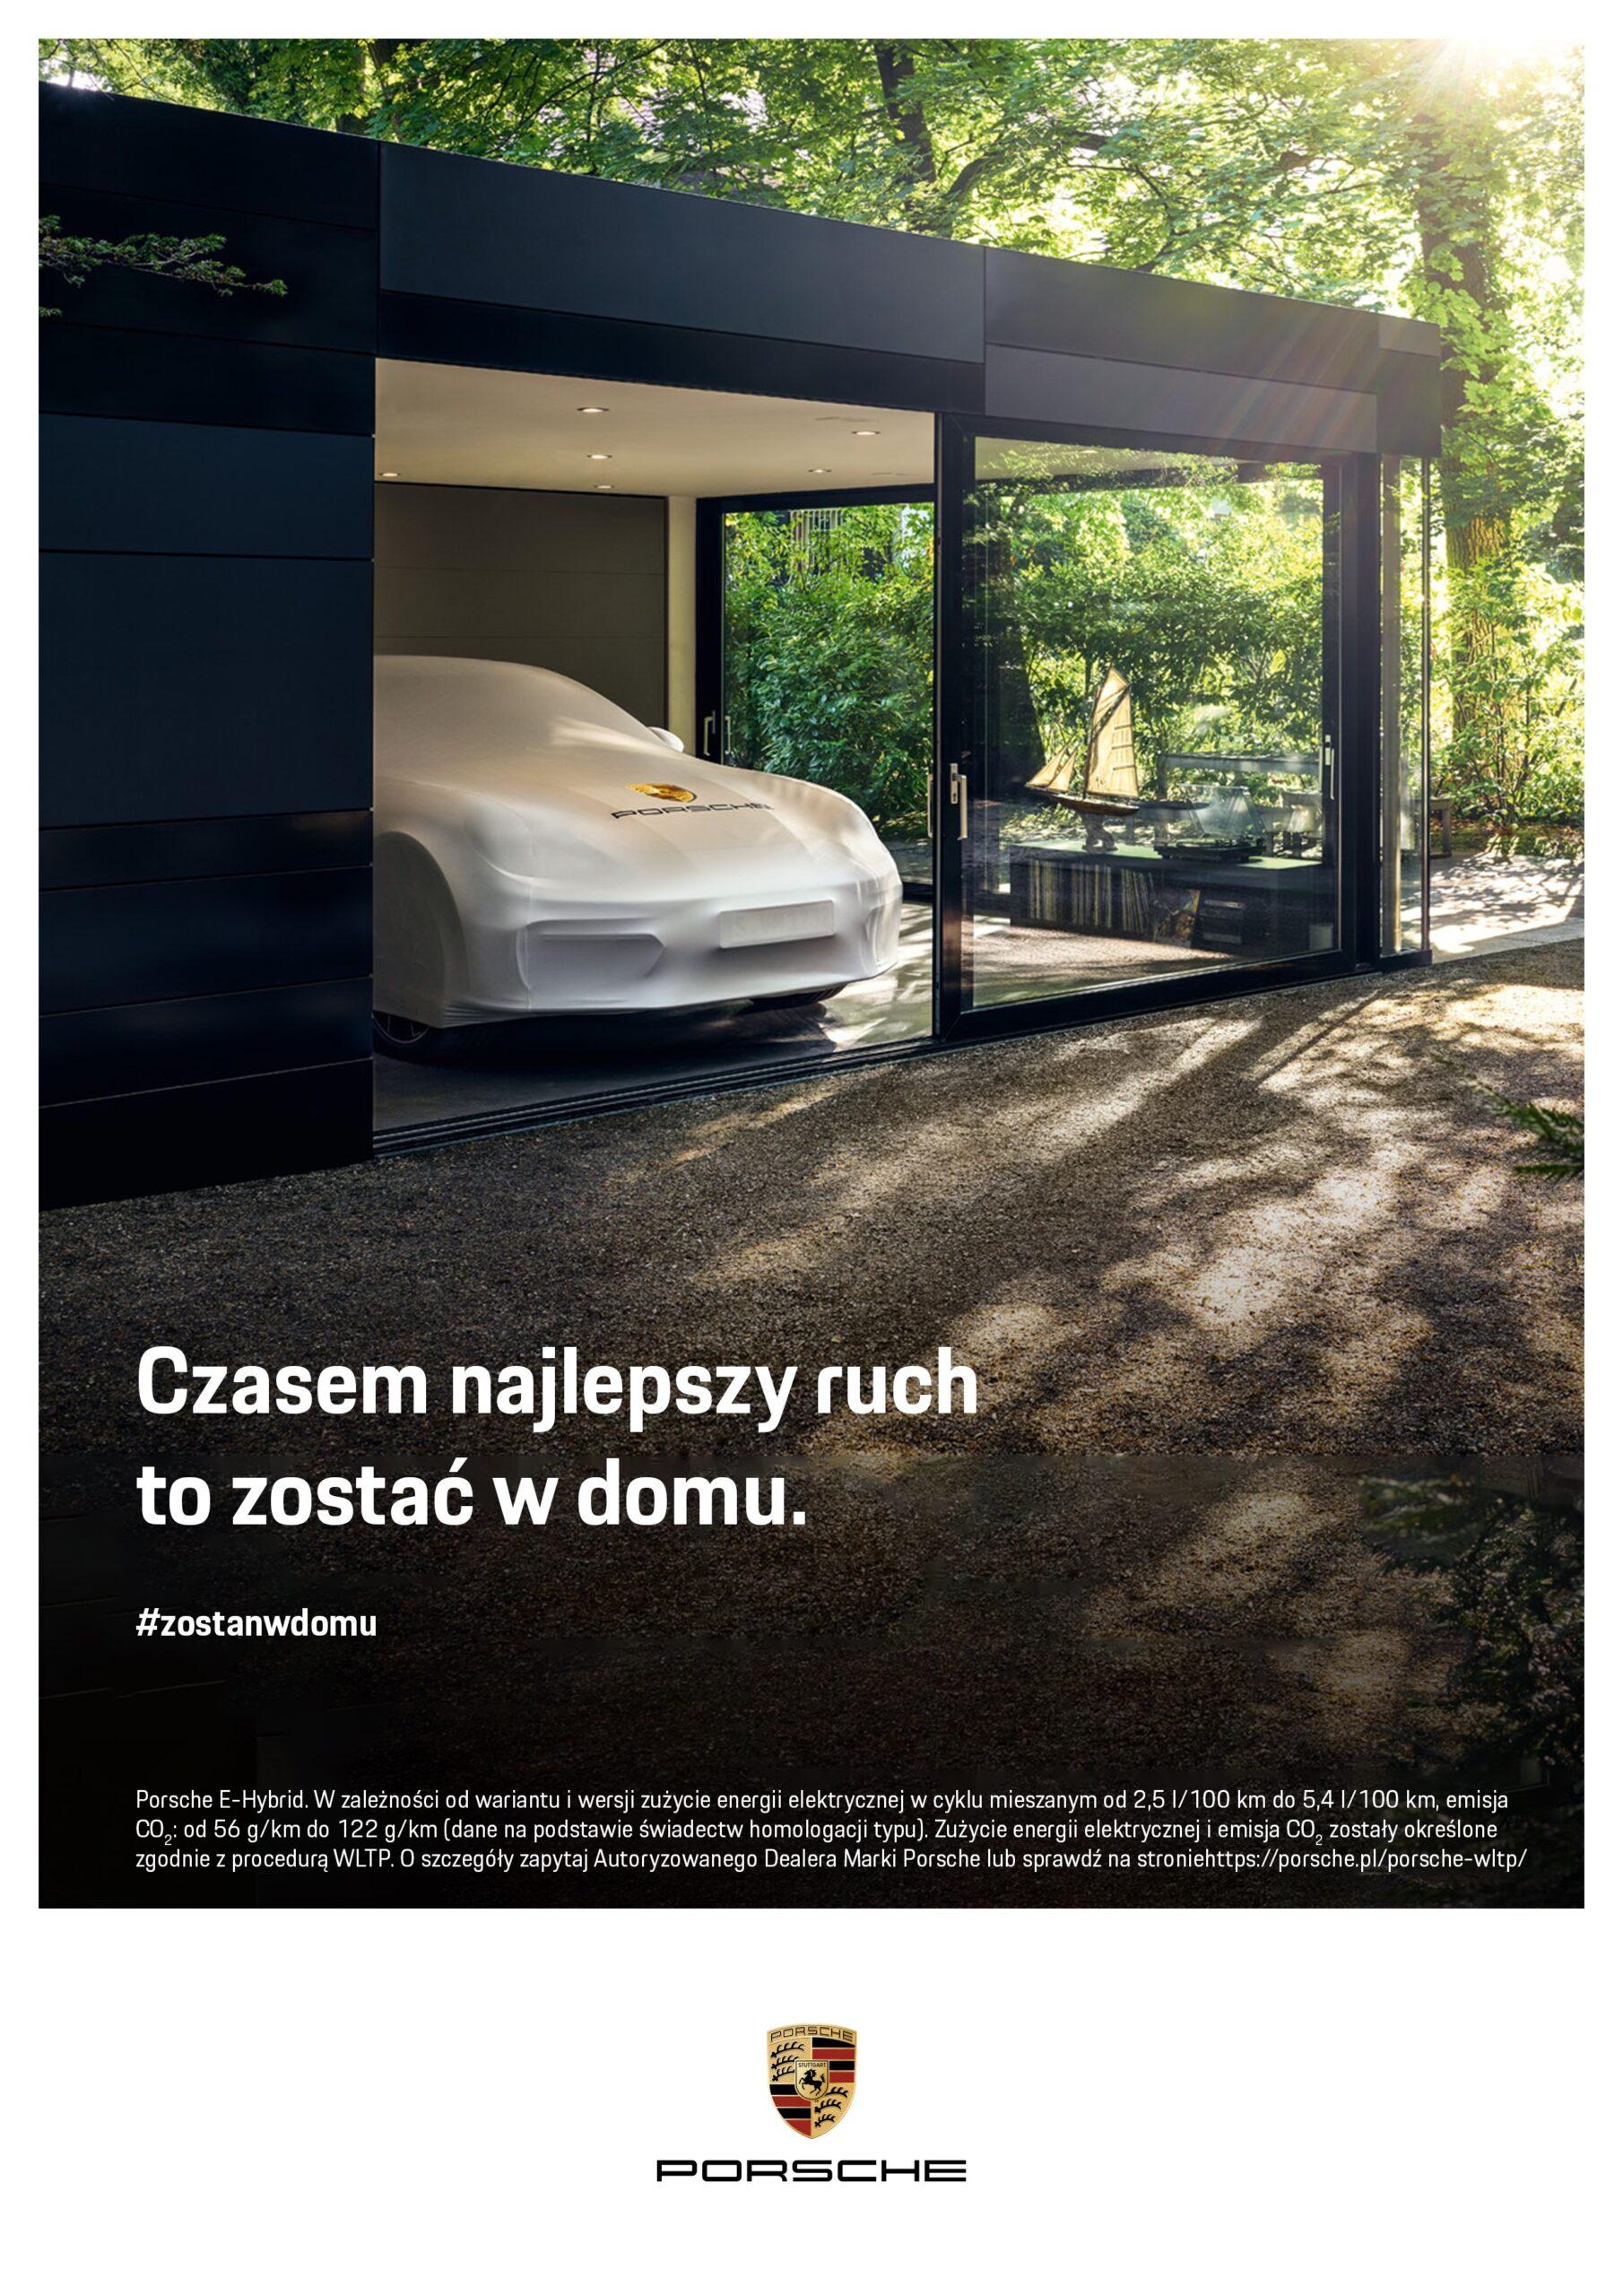 """mediarun Porsche Zostań w domu Czasem32 scaled brand Porche Polska z nową kampanią reklamową – """"Żeby nie kusiło!"""""""